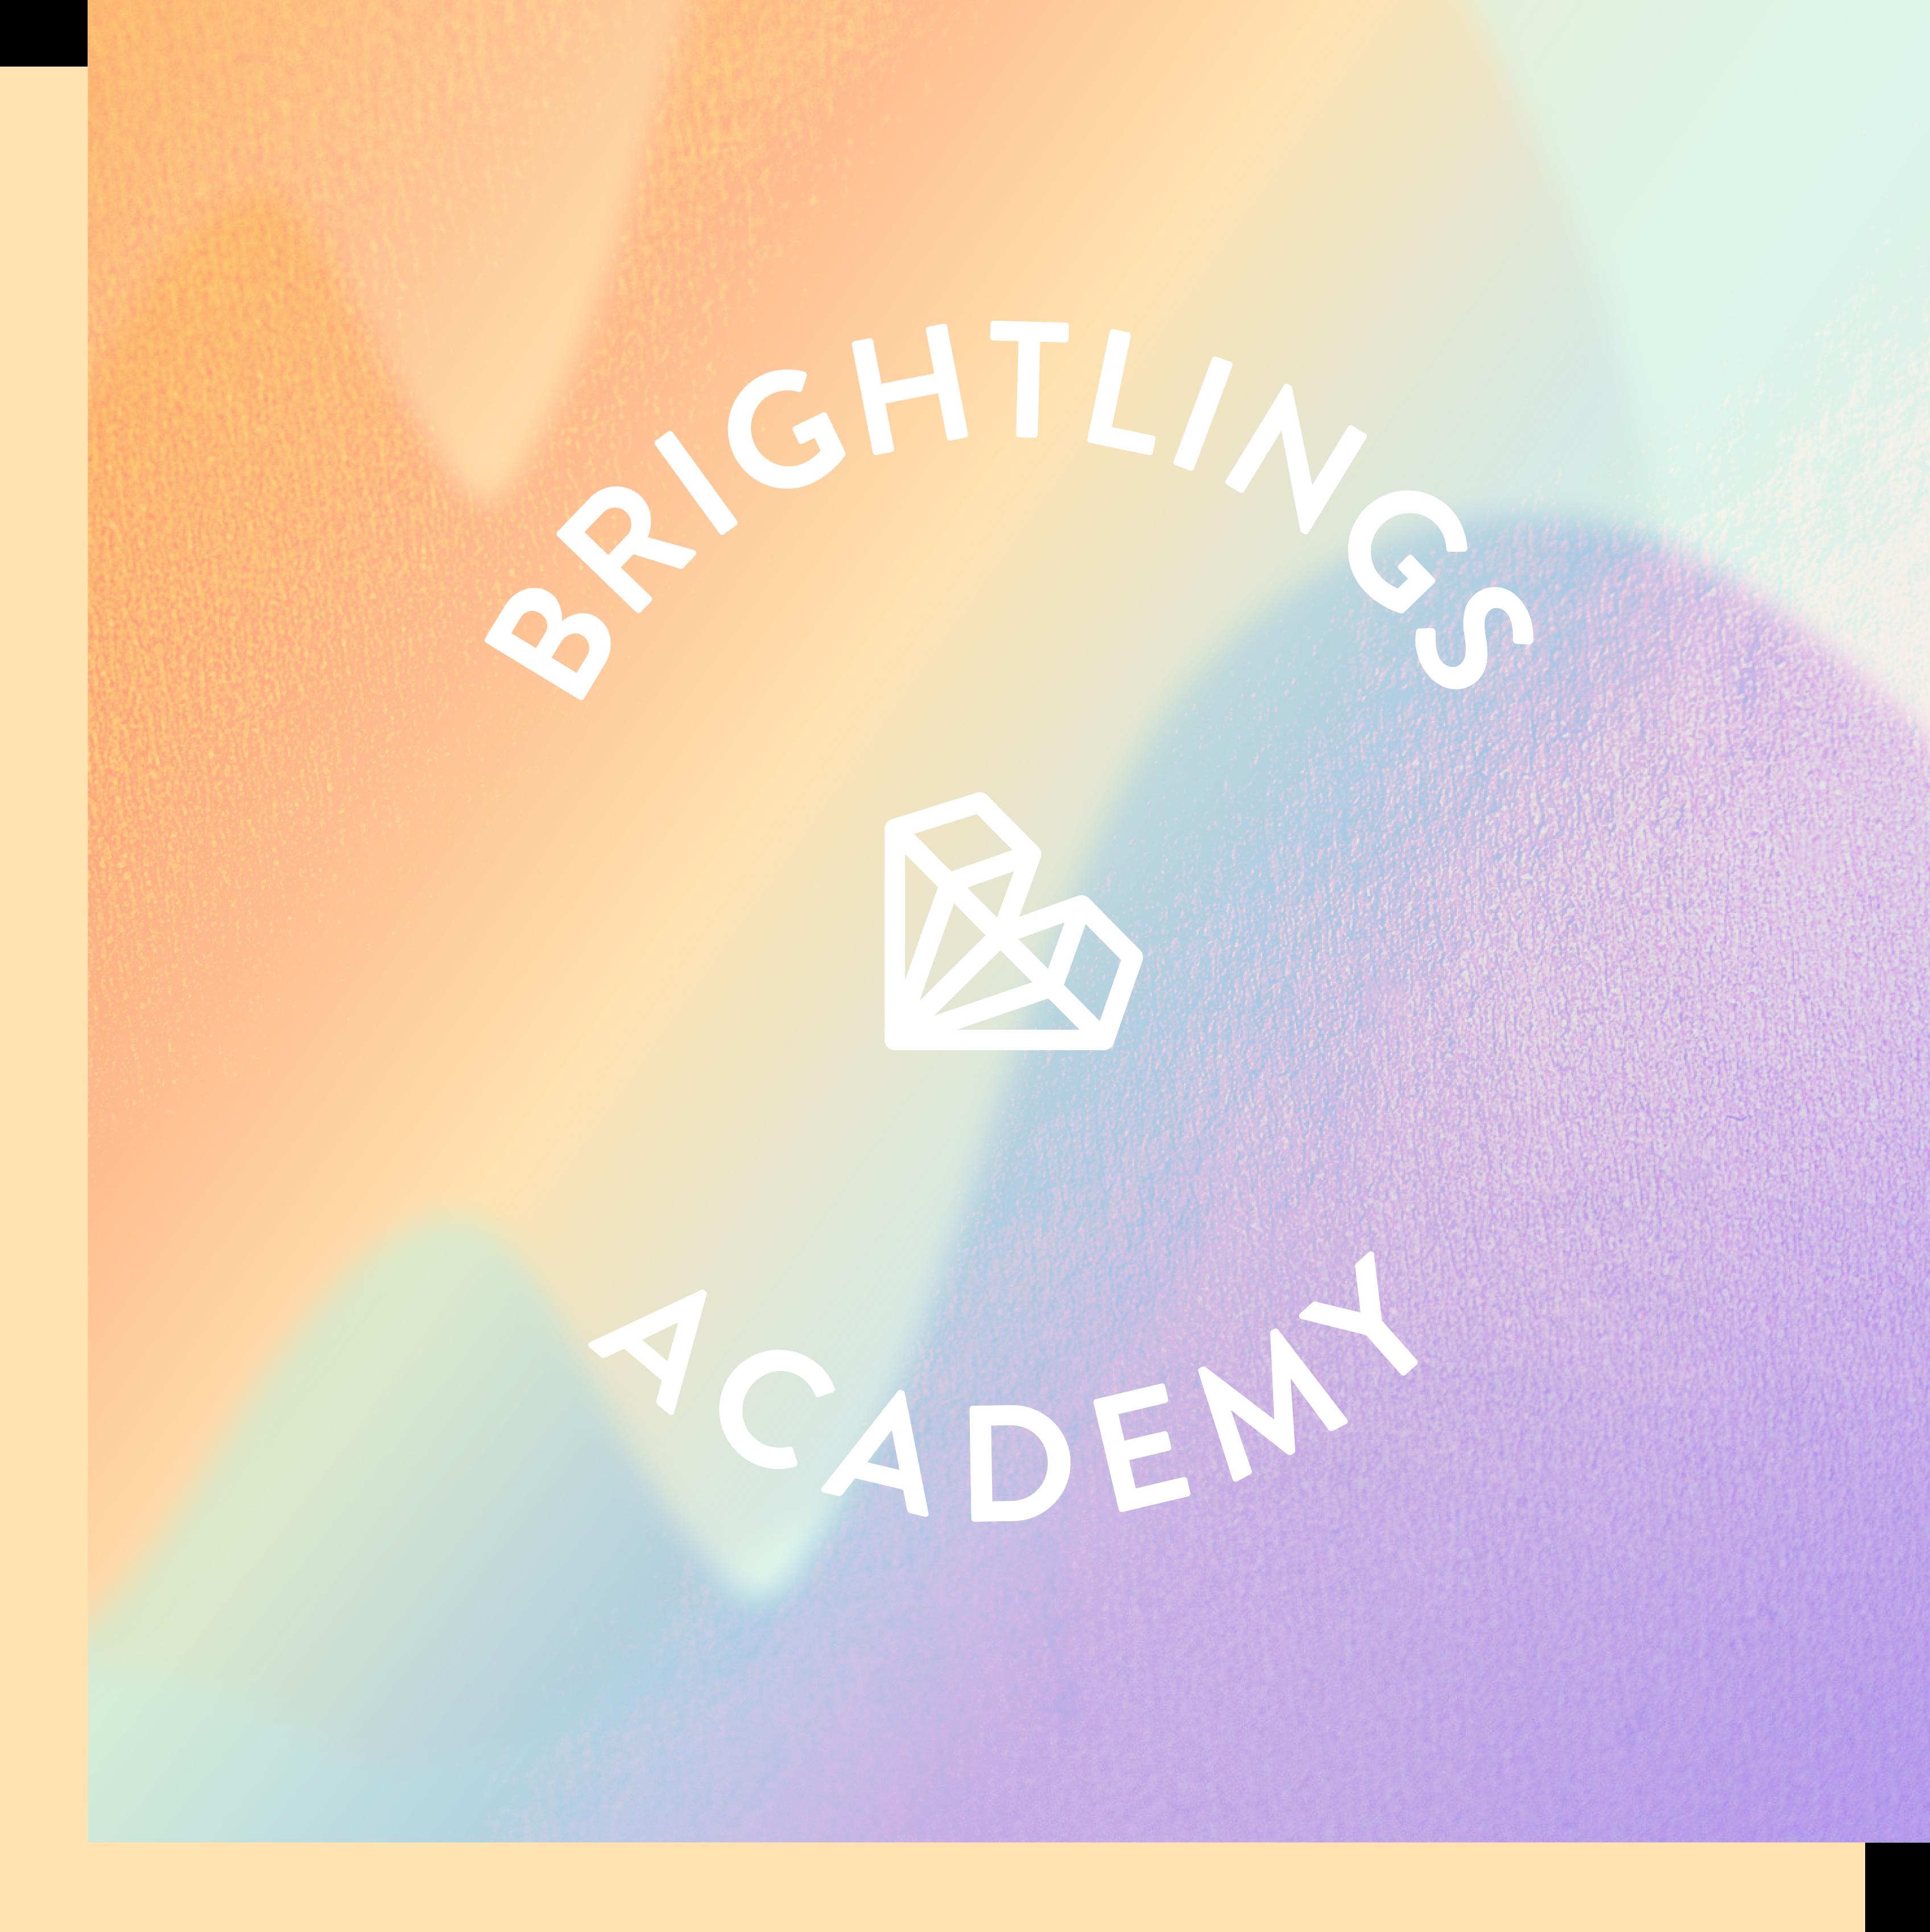 Brightlings Academy